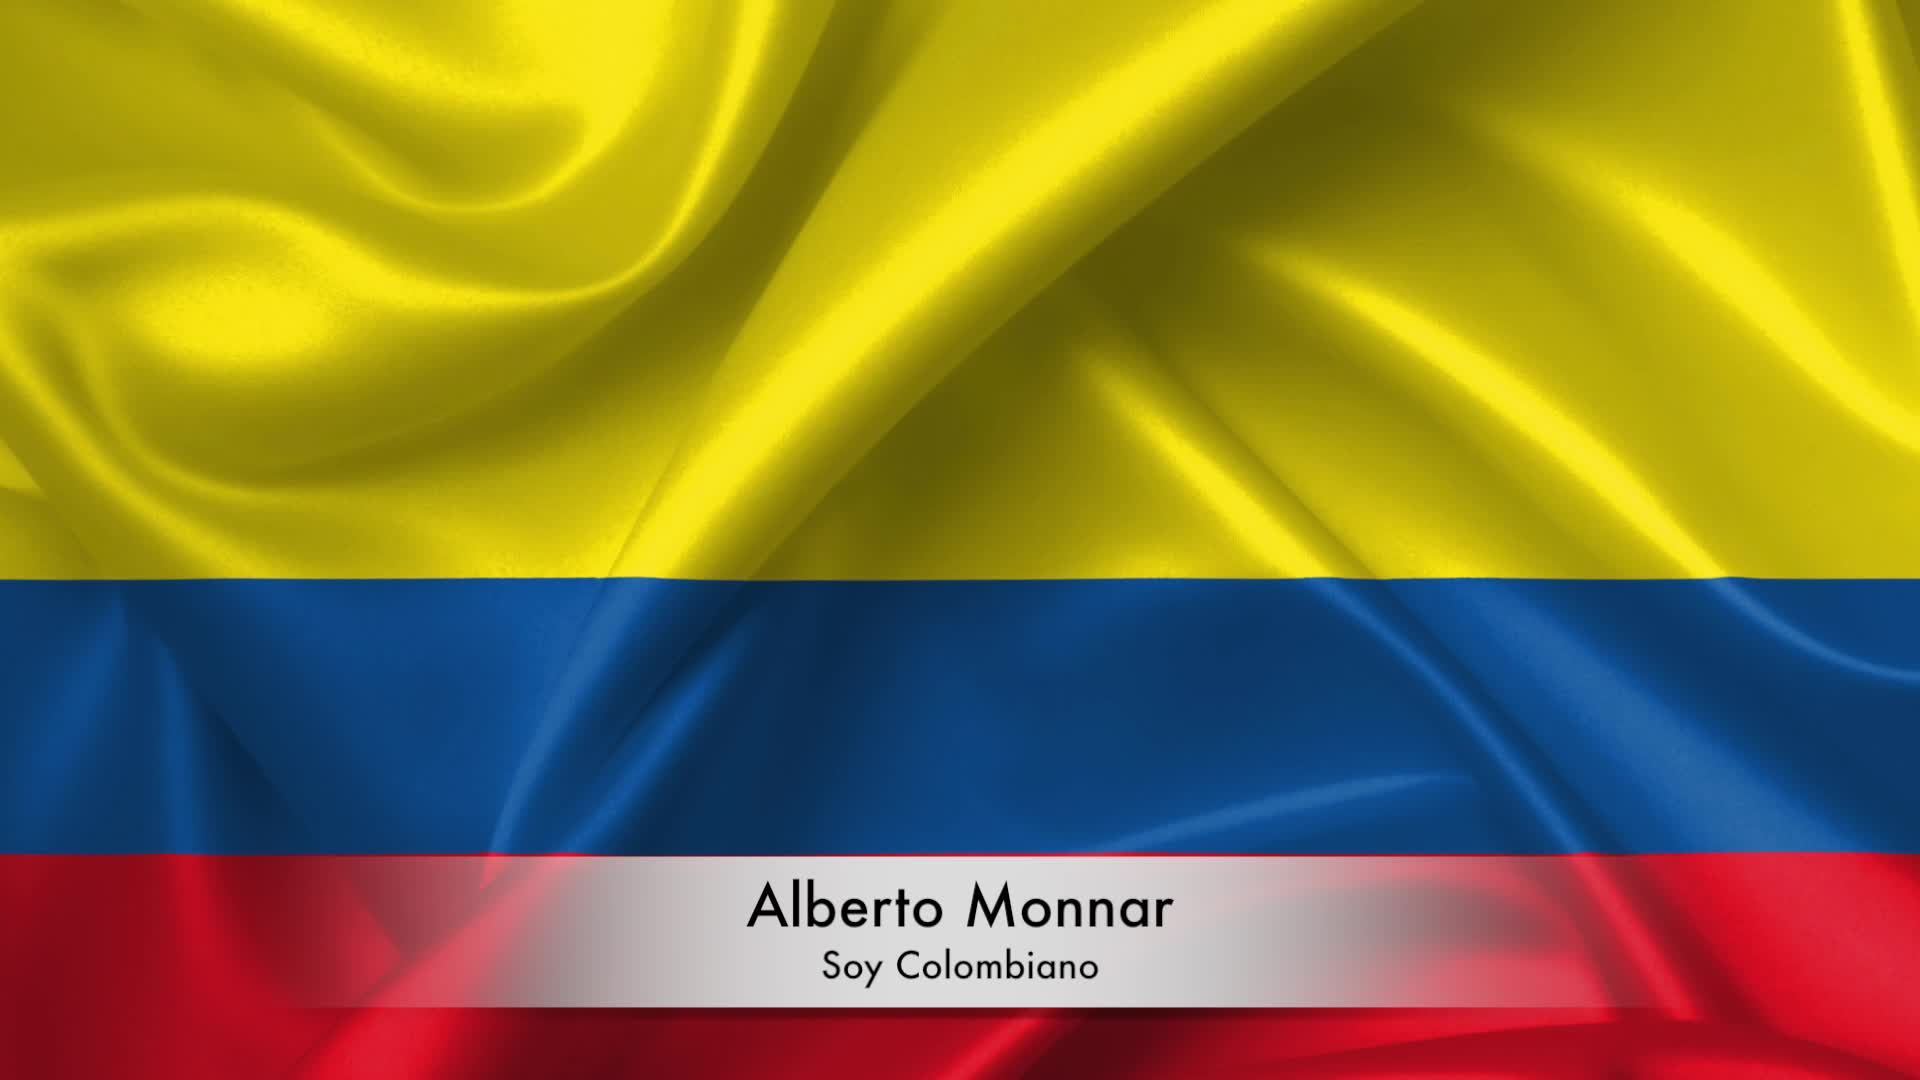 Alberto Monnar - Soy Colombiano